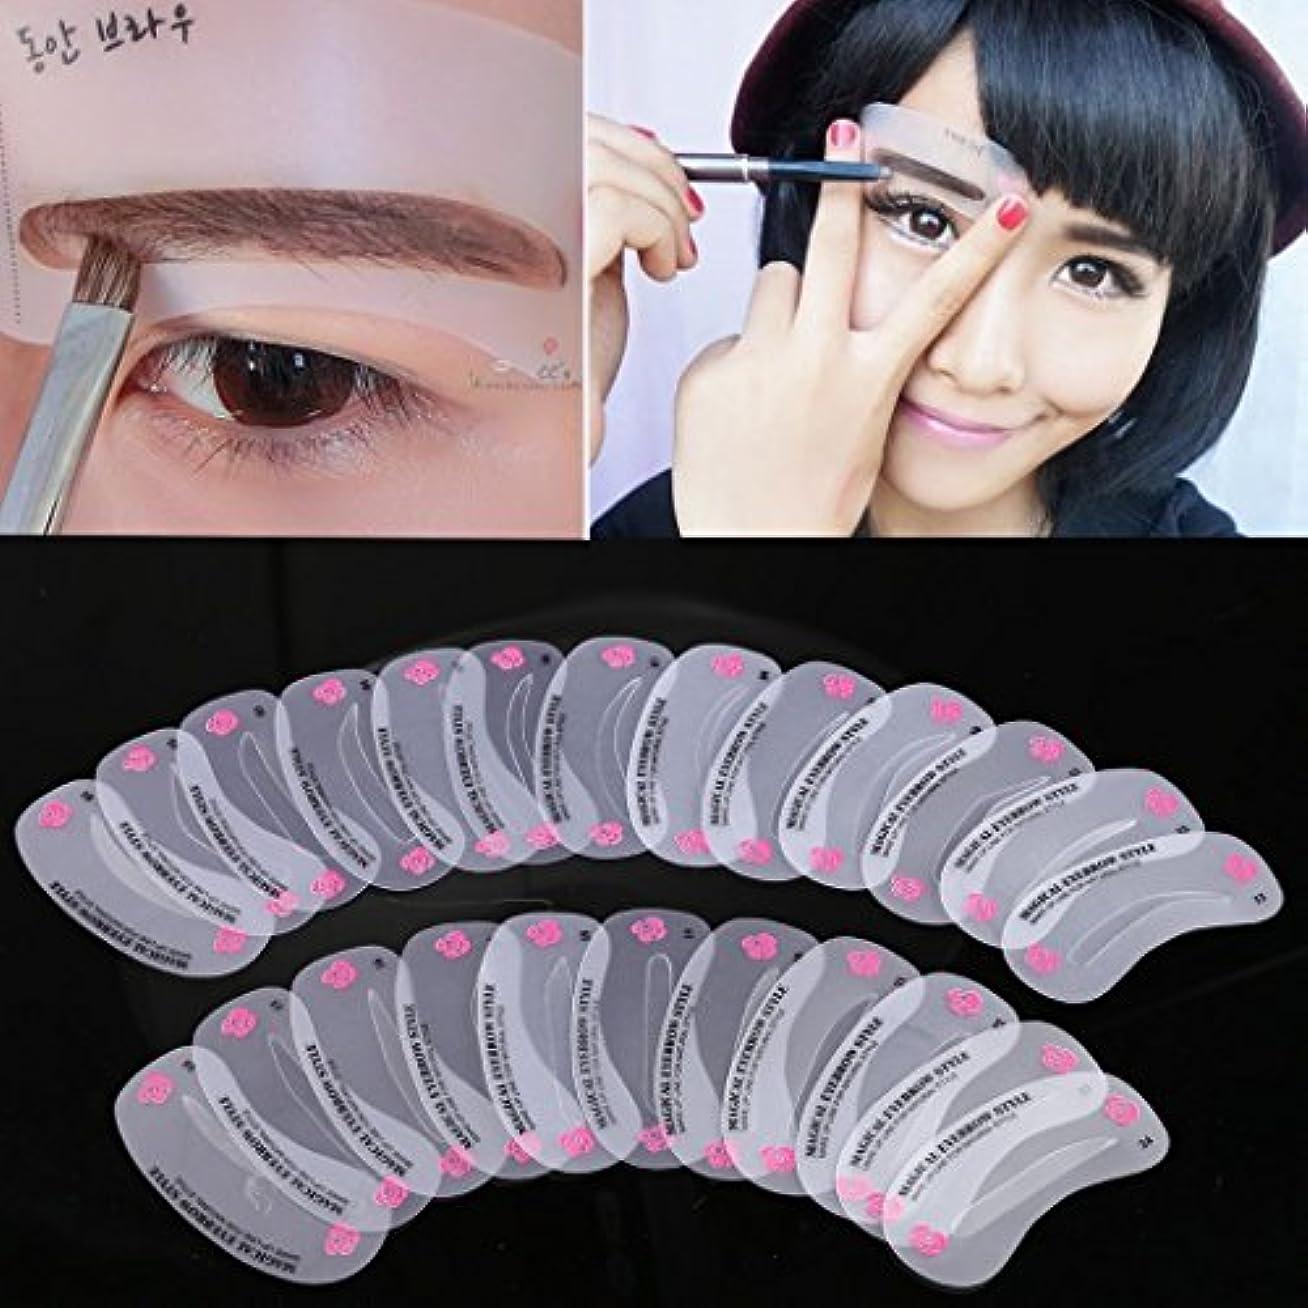 悪用フィットネス因子24種類の眉毛のスタイルは、グルーミングステンシルを設定するメイクアップシェイプキット眉毛